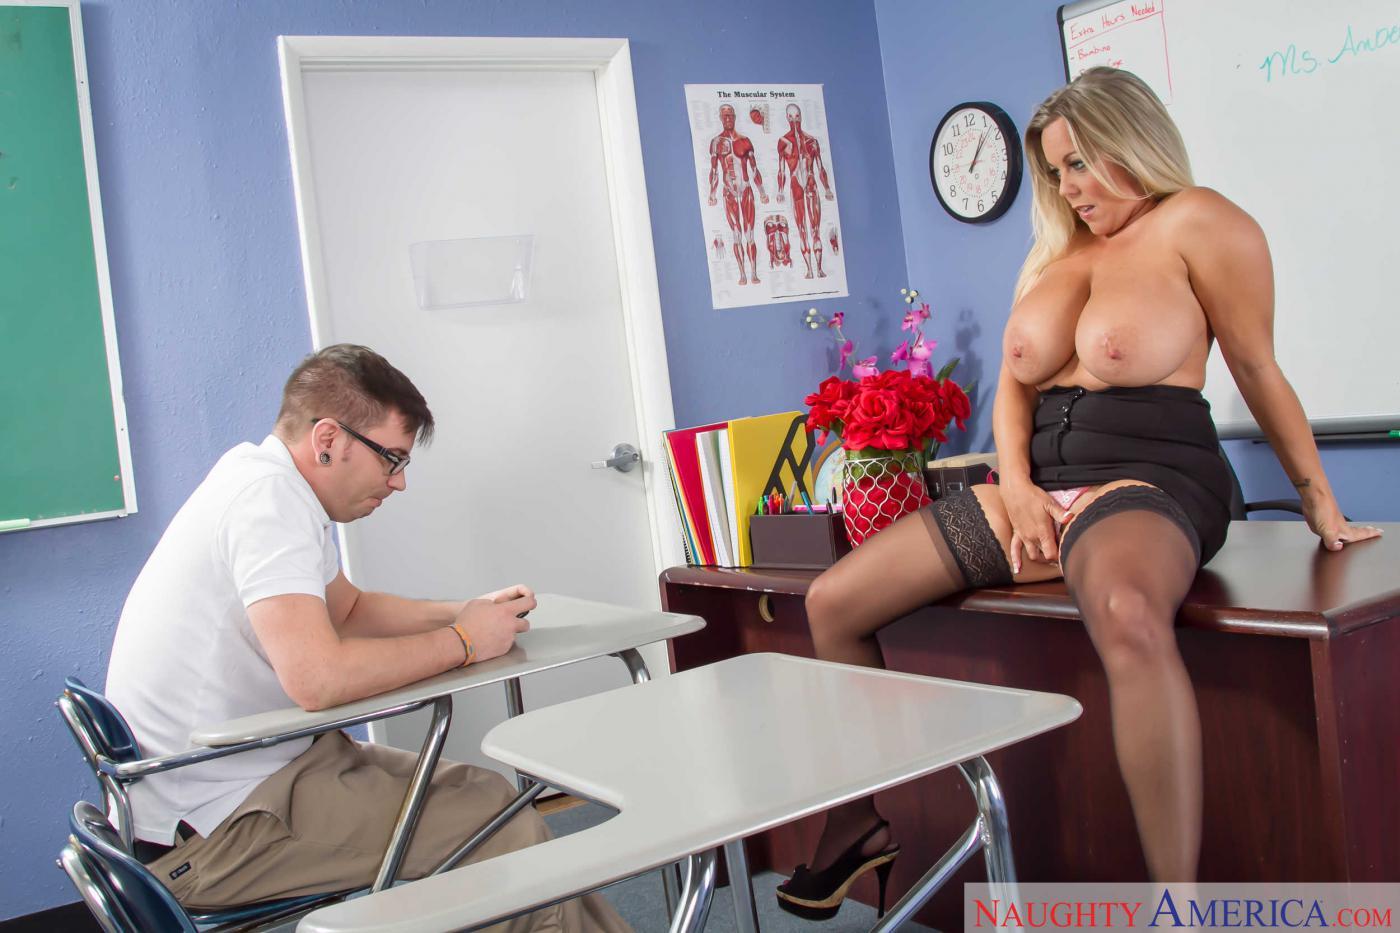 Учитель пристаёт к ученице, Русский учитель пристает к своей студентке у доски 21 фотография